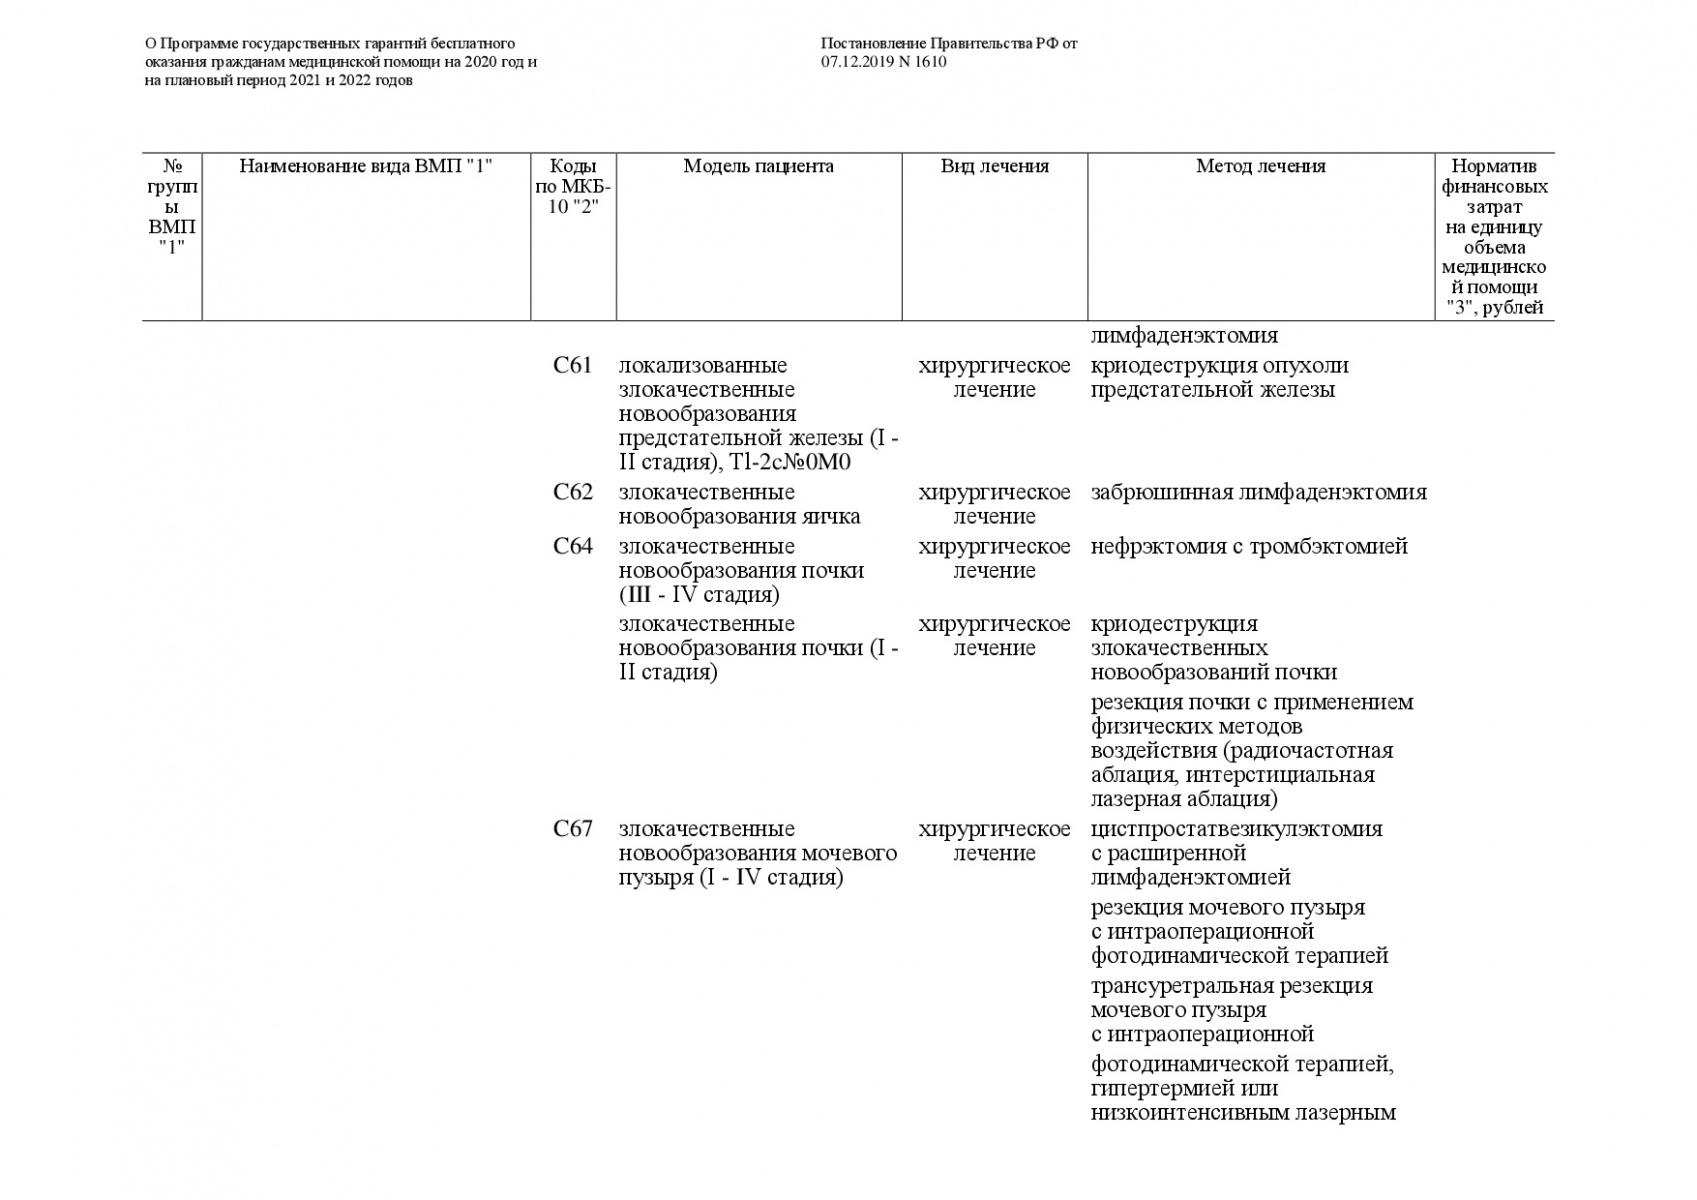 Postanovlenie-Pravitelstva-RF-ot-07_12_2019-1610-O-PGG-091